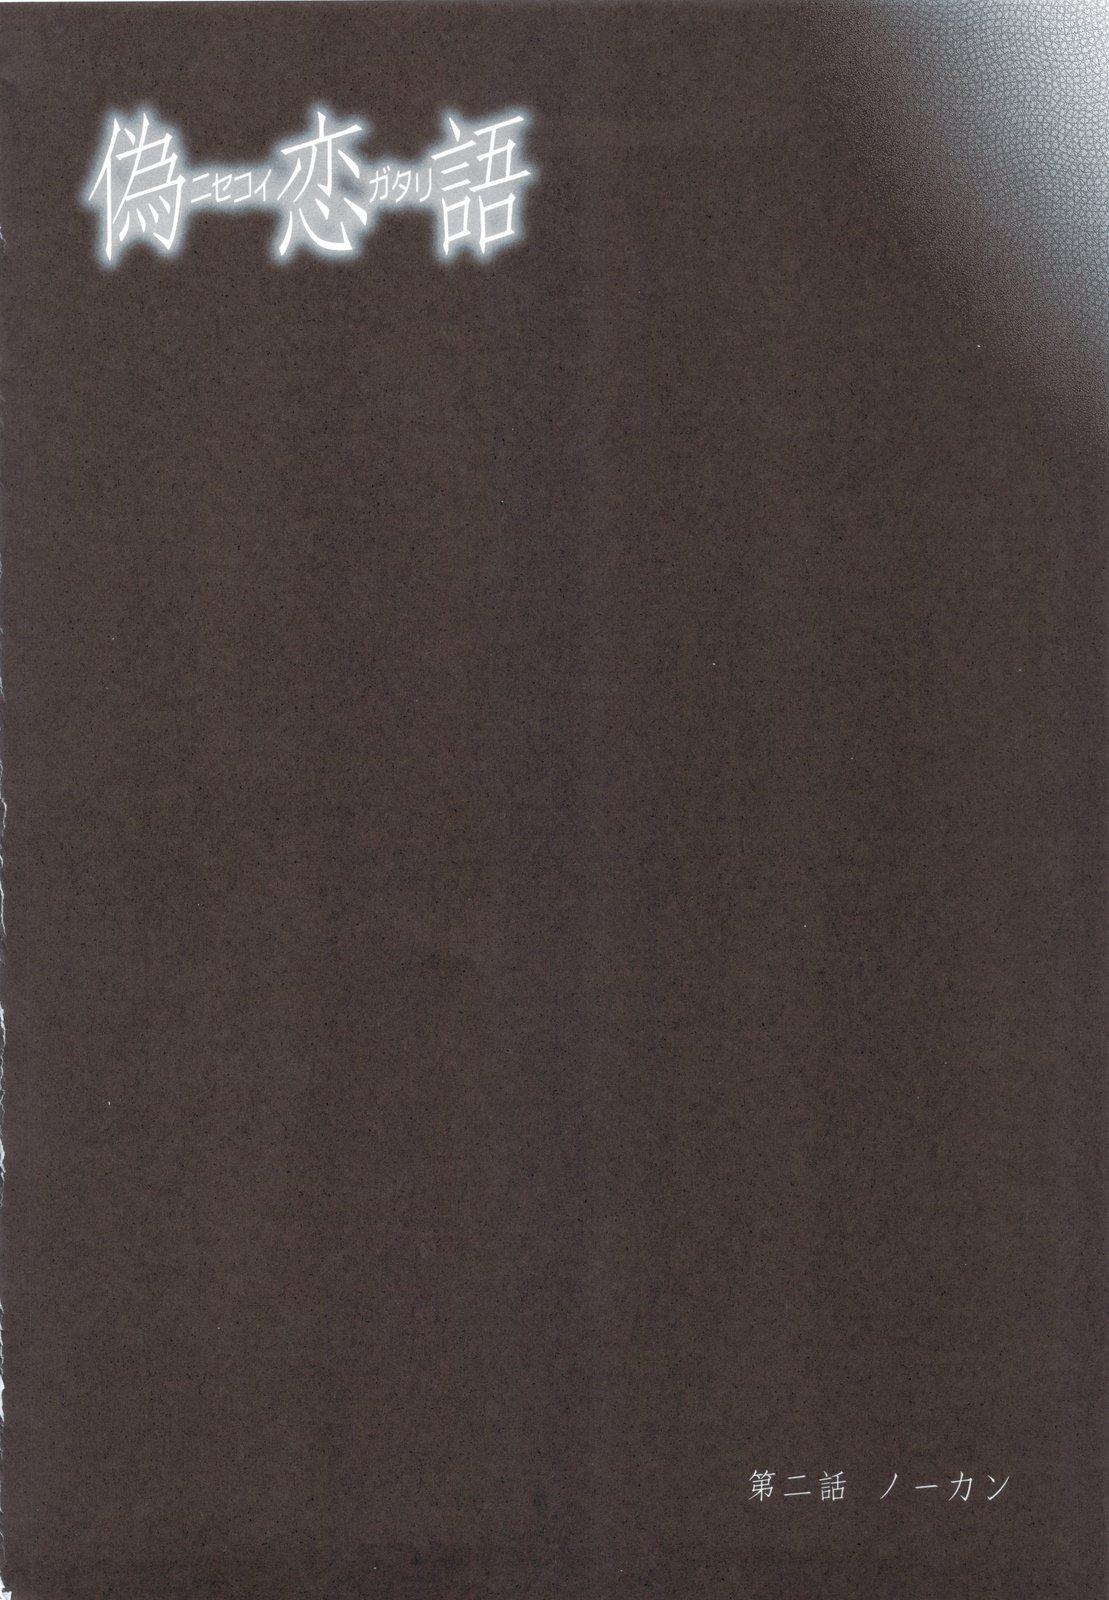 【エロ漫画】ロリJKの小野寺小咲が監禁されオナニー強要させられて男にアナル責めされちゃうwwwww処女マンコを犯されないかわりにアナルハメ撮りされてますwwwww